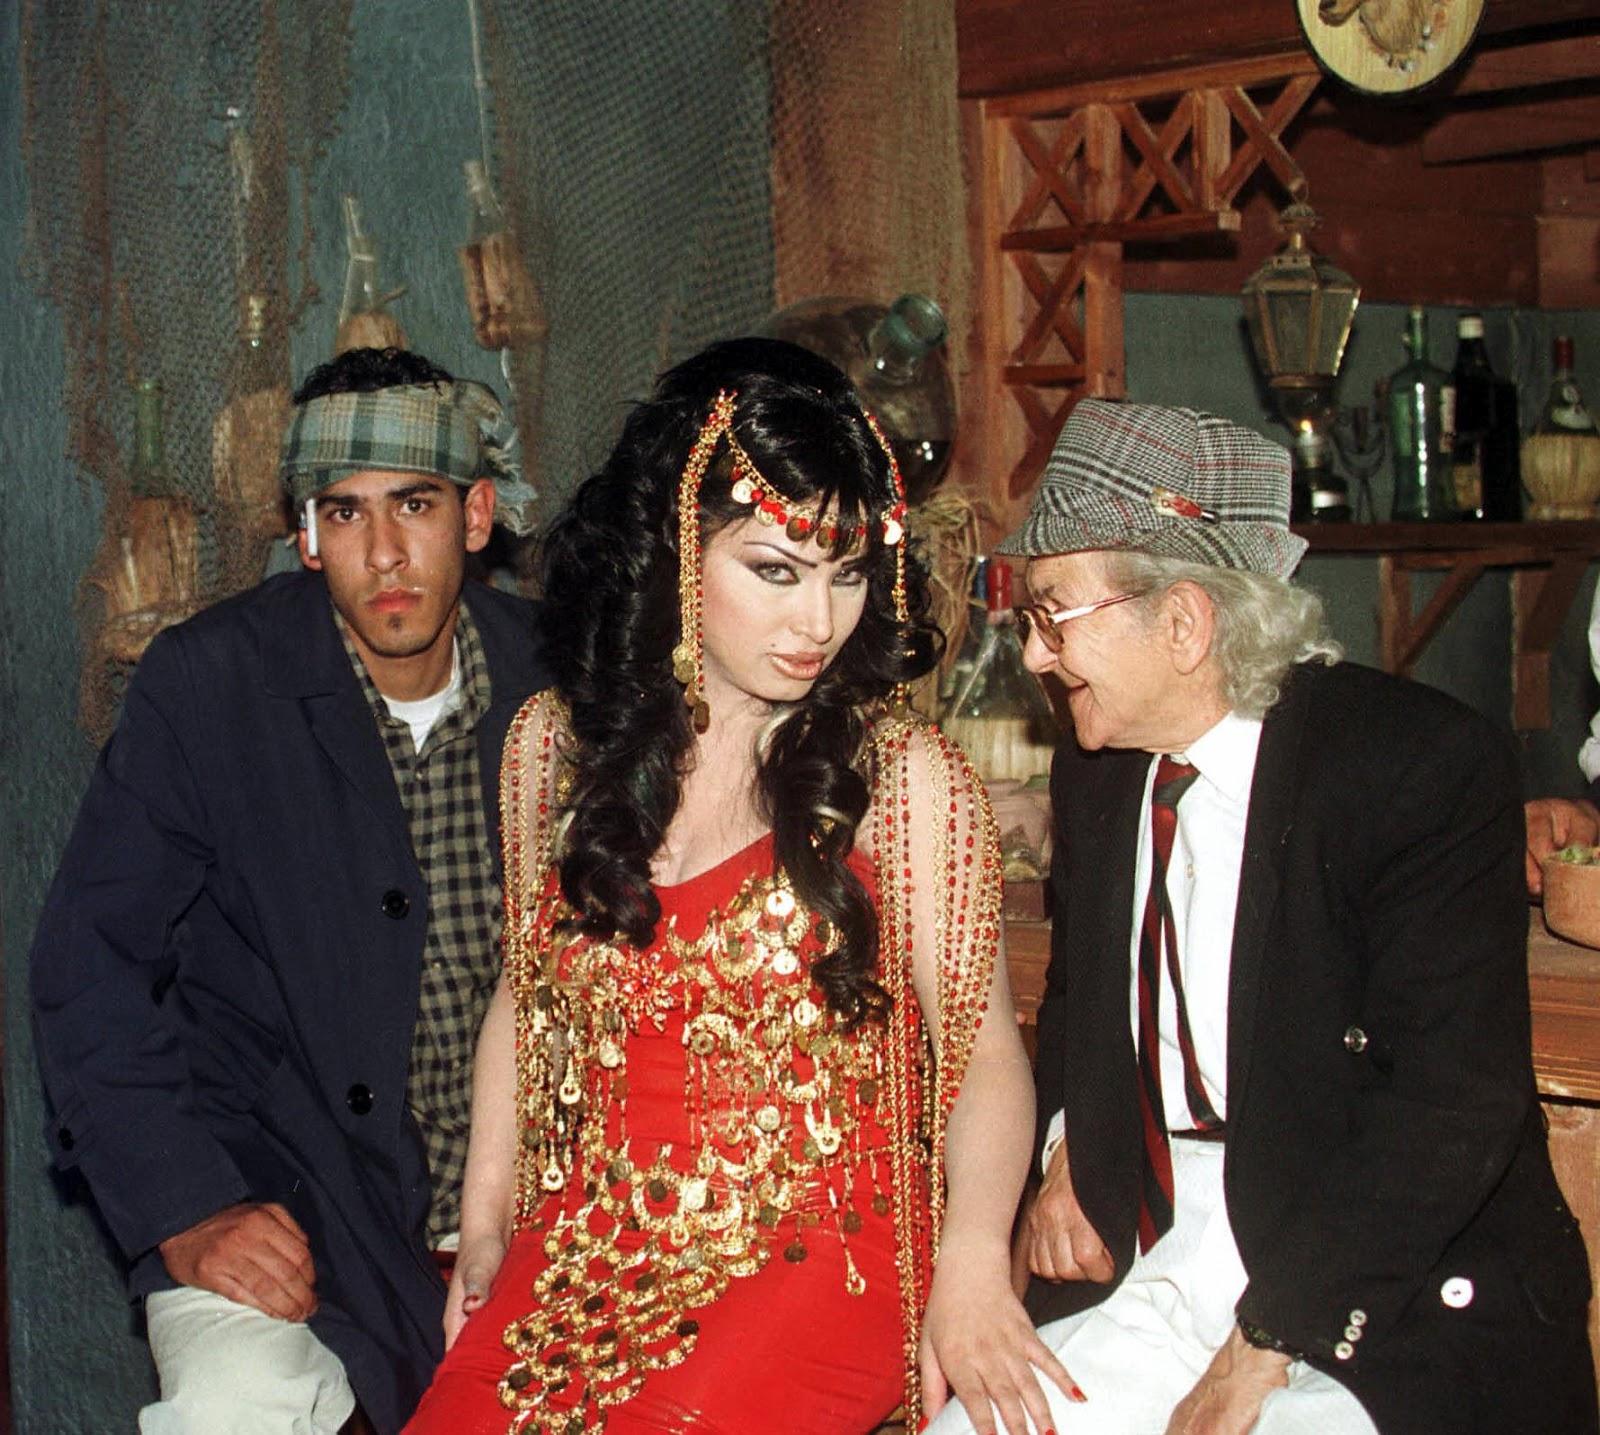 http://4.bp.blogspot.com/-JNVYzDo7Ux8/UGrQEjhBLXI/AAAAAAAABpM/UlSRWSUDa2E/s1600/Lebanese+singer+Marwa.jpg